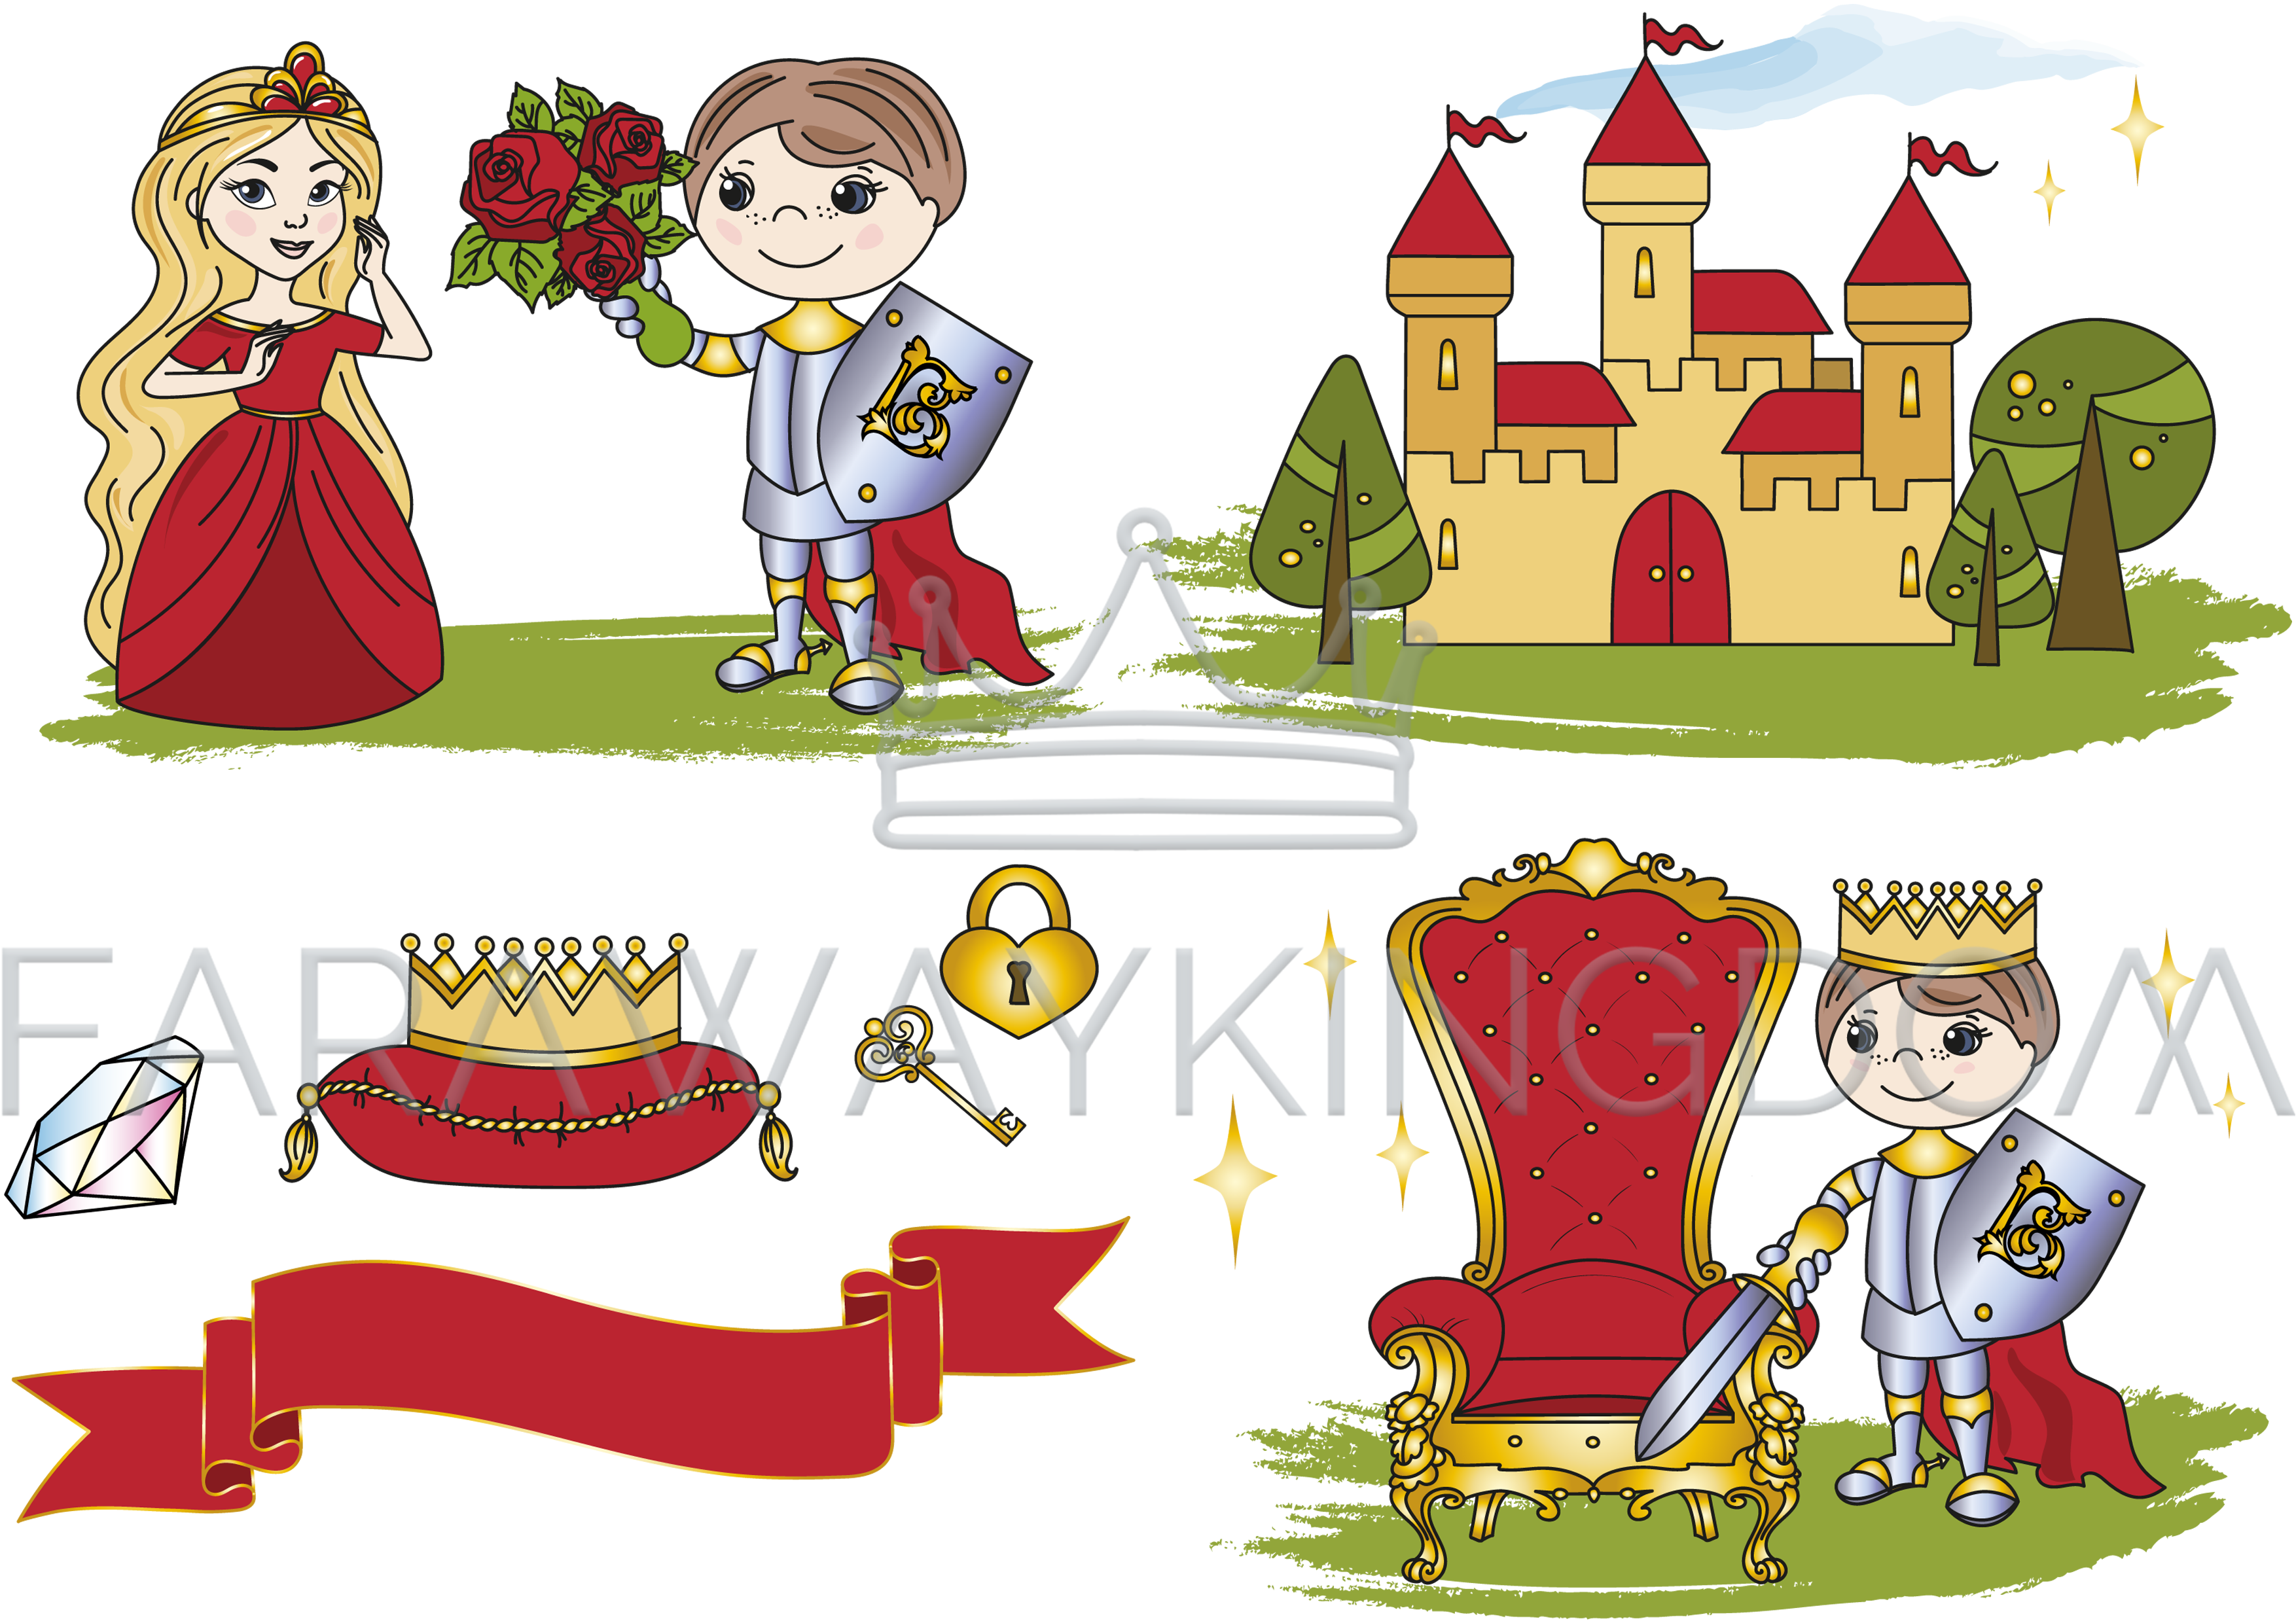 Fairytale clipart king castle. Little fairy tale cartoon